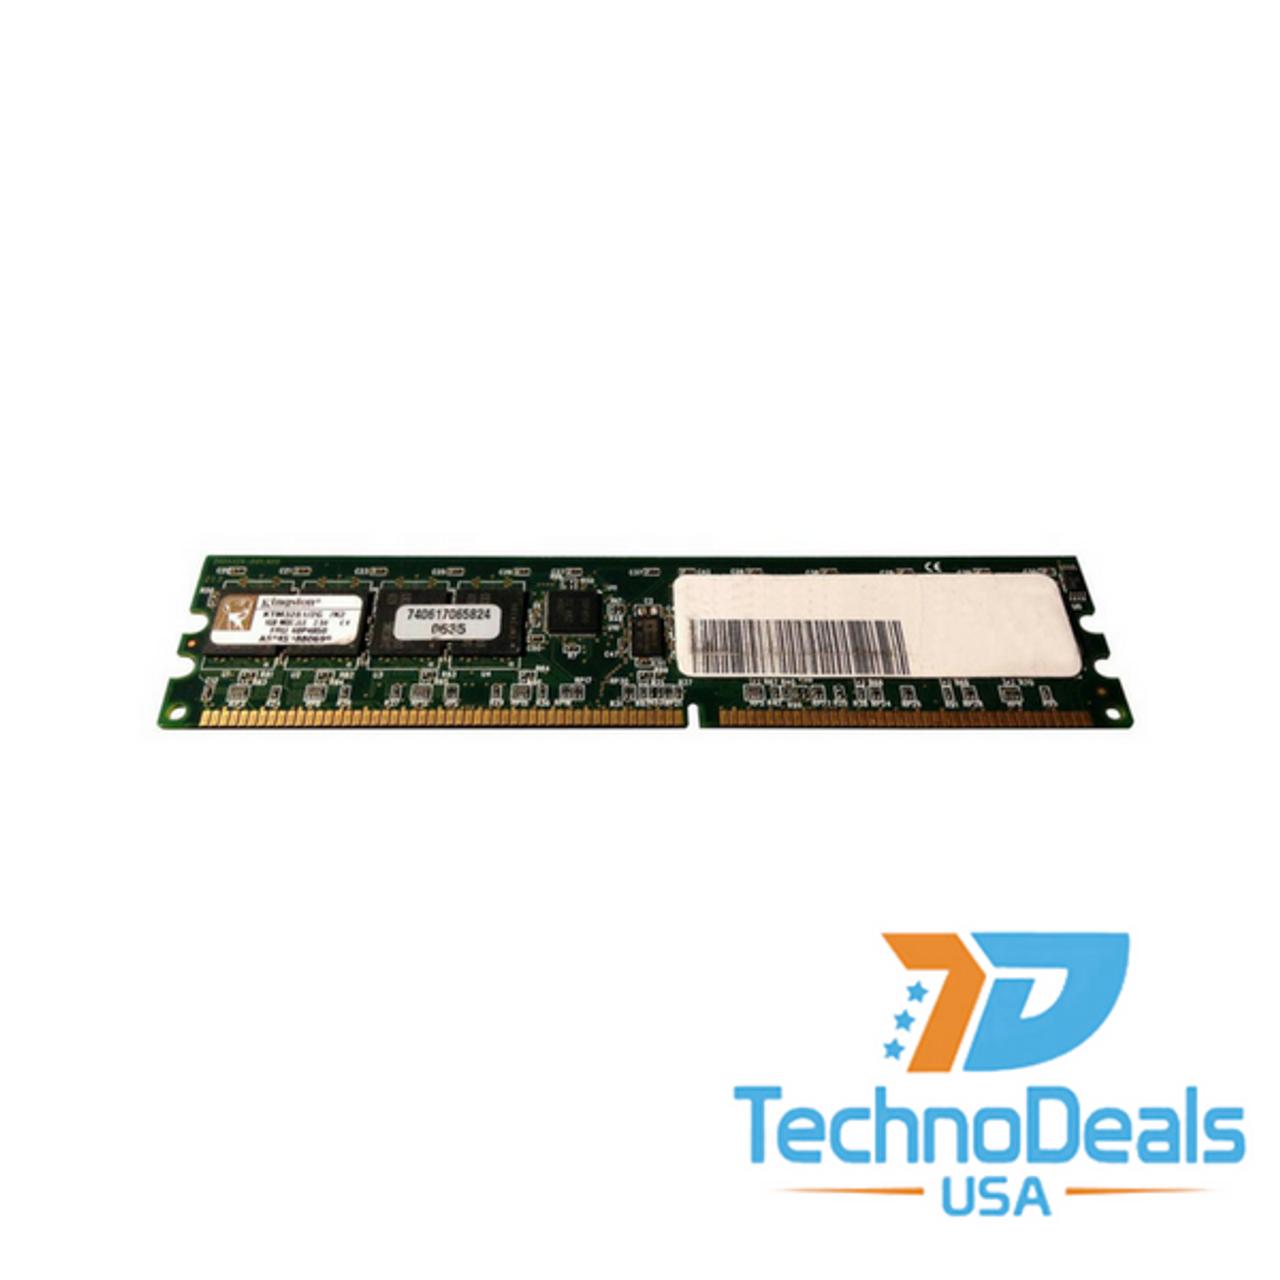 IBM 1GB SDRAM MEMORY